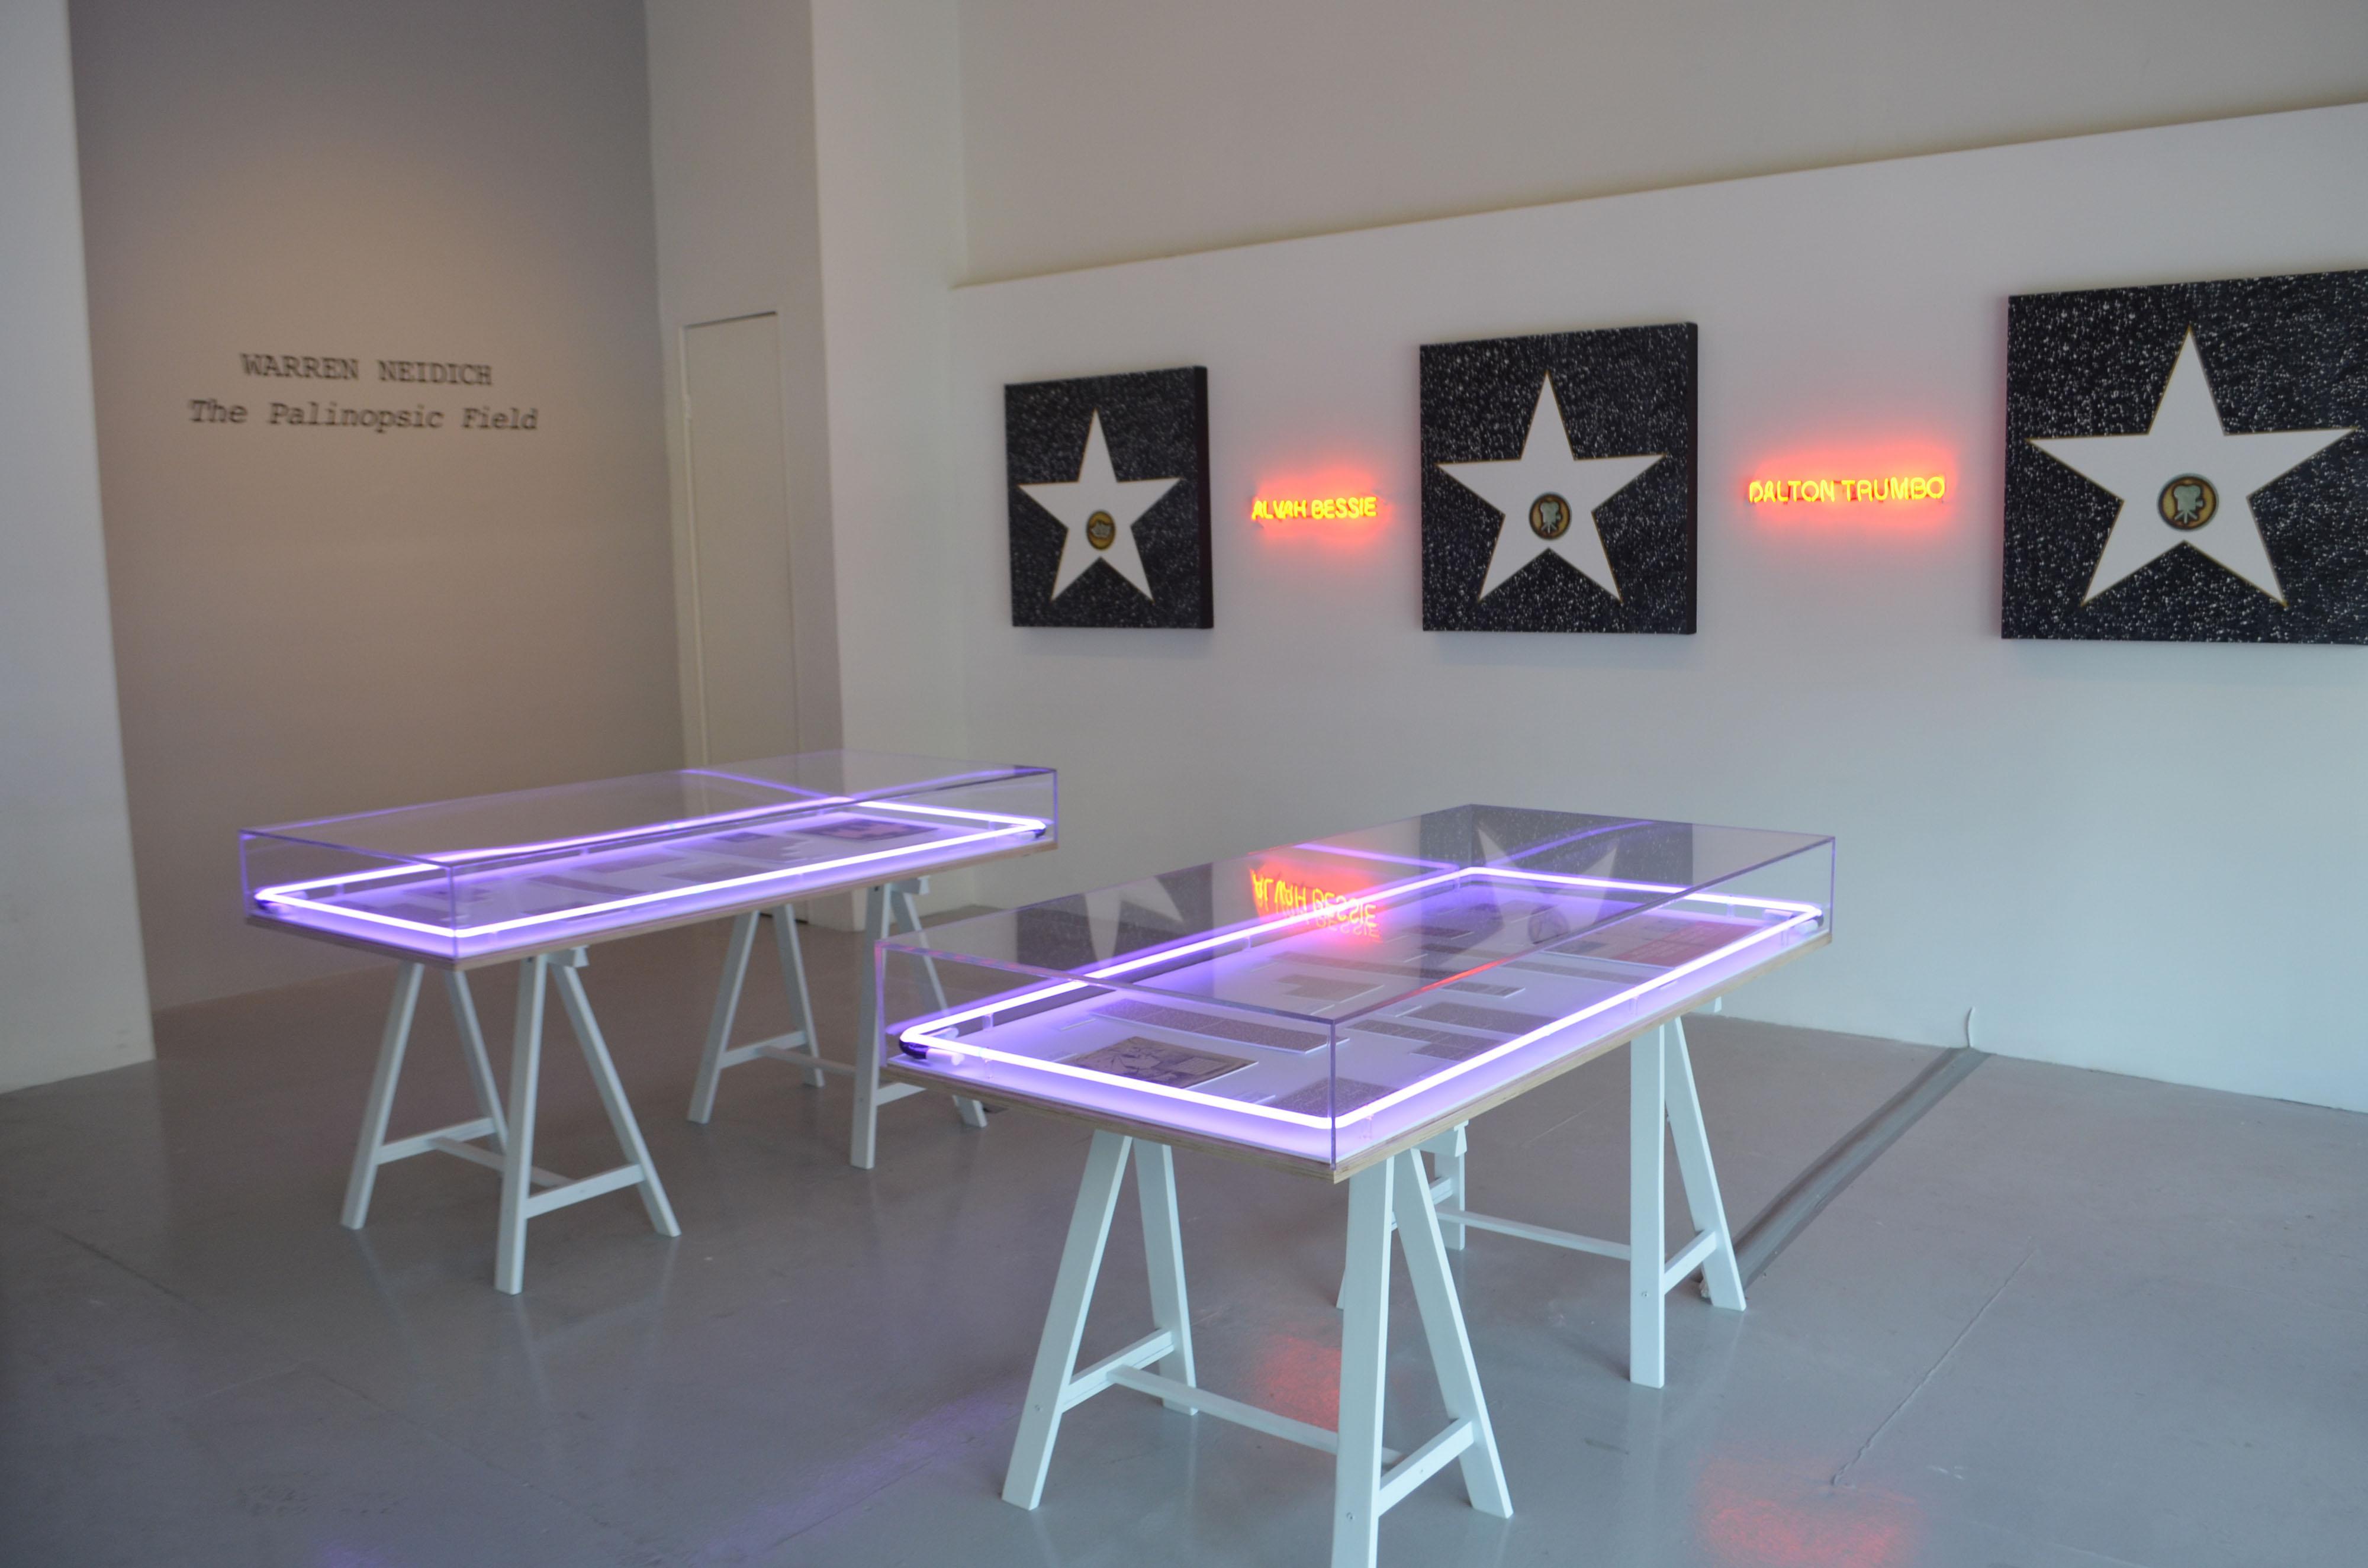 Warren Neidich installation